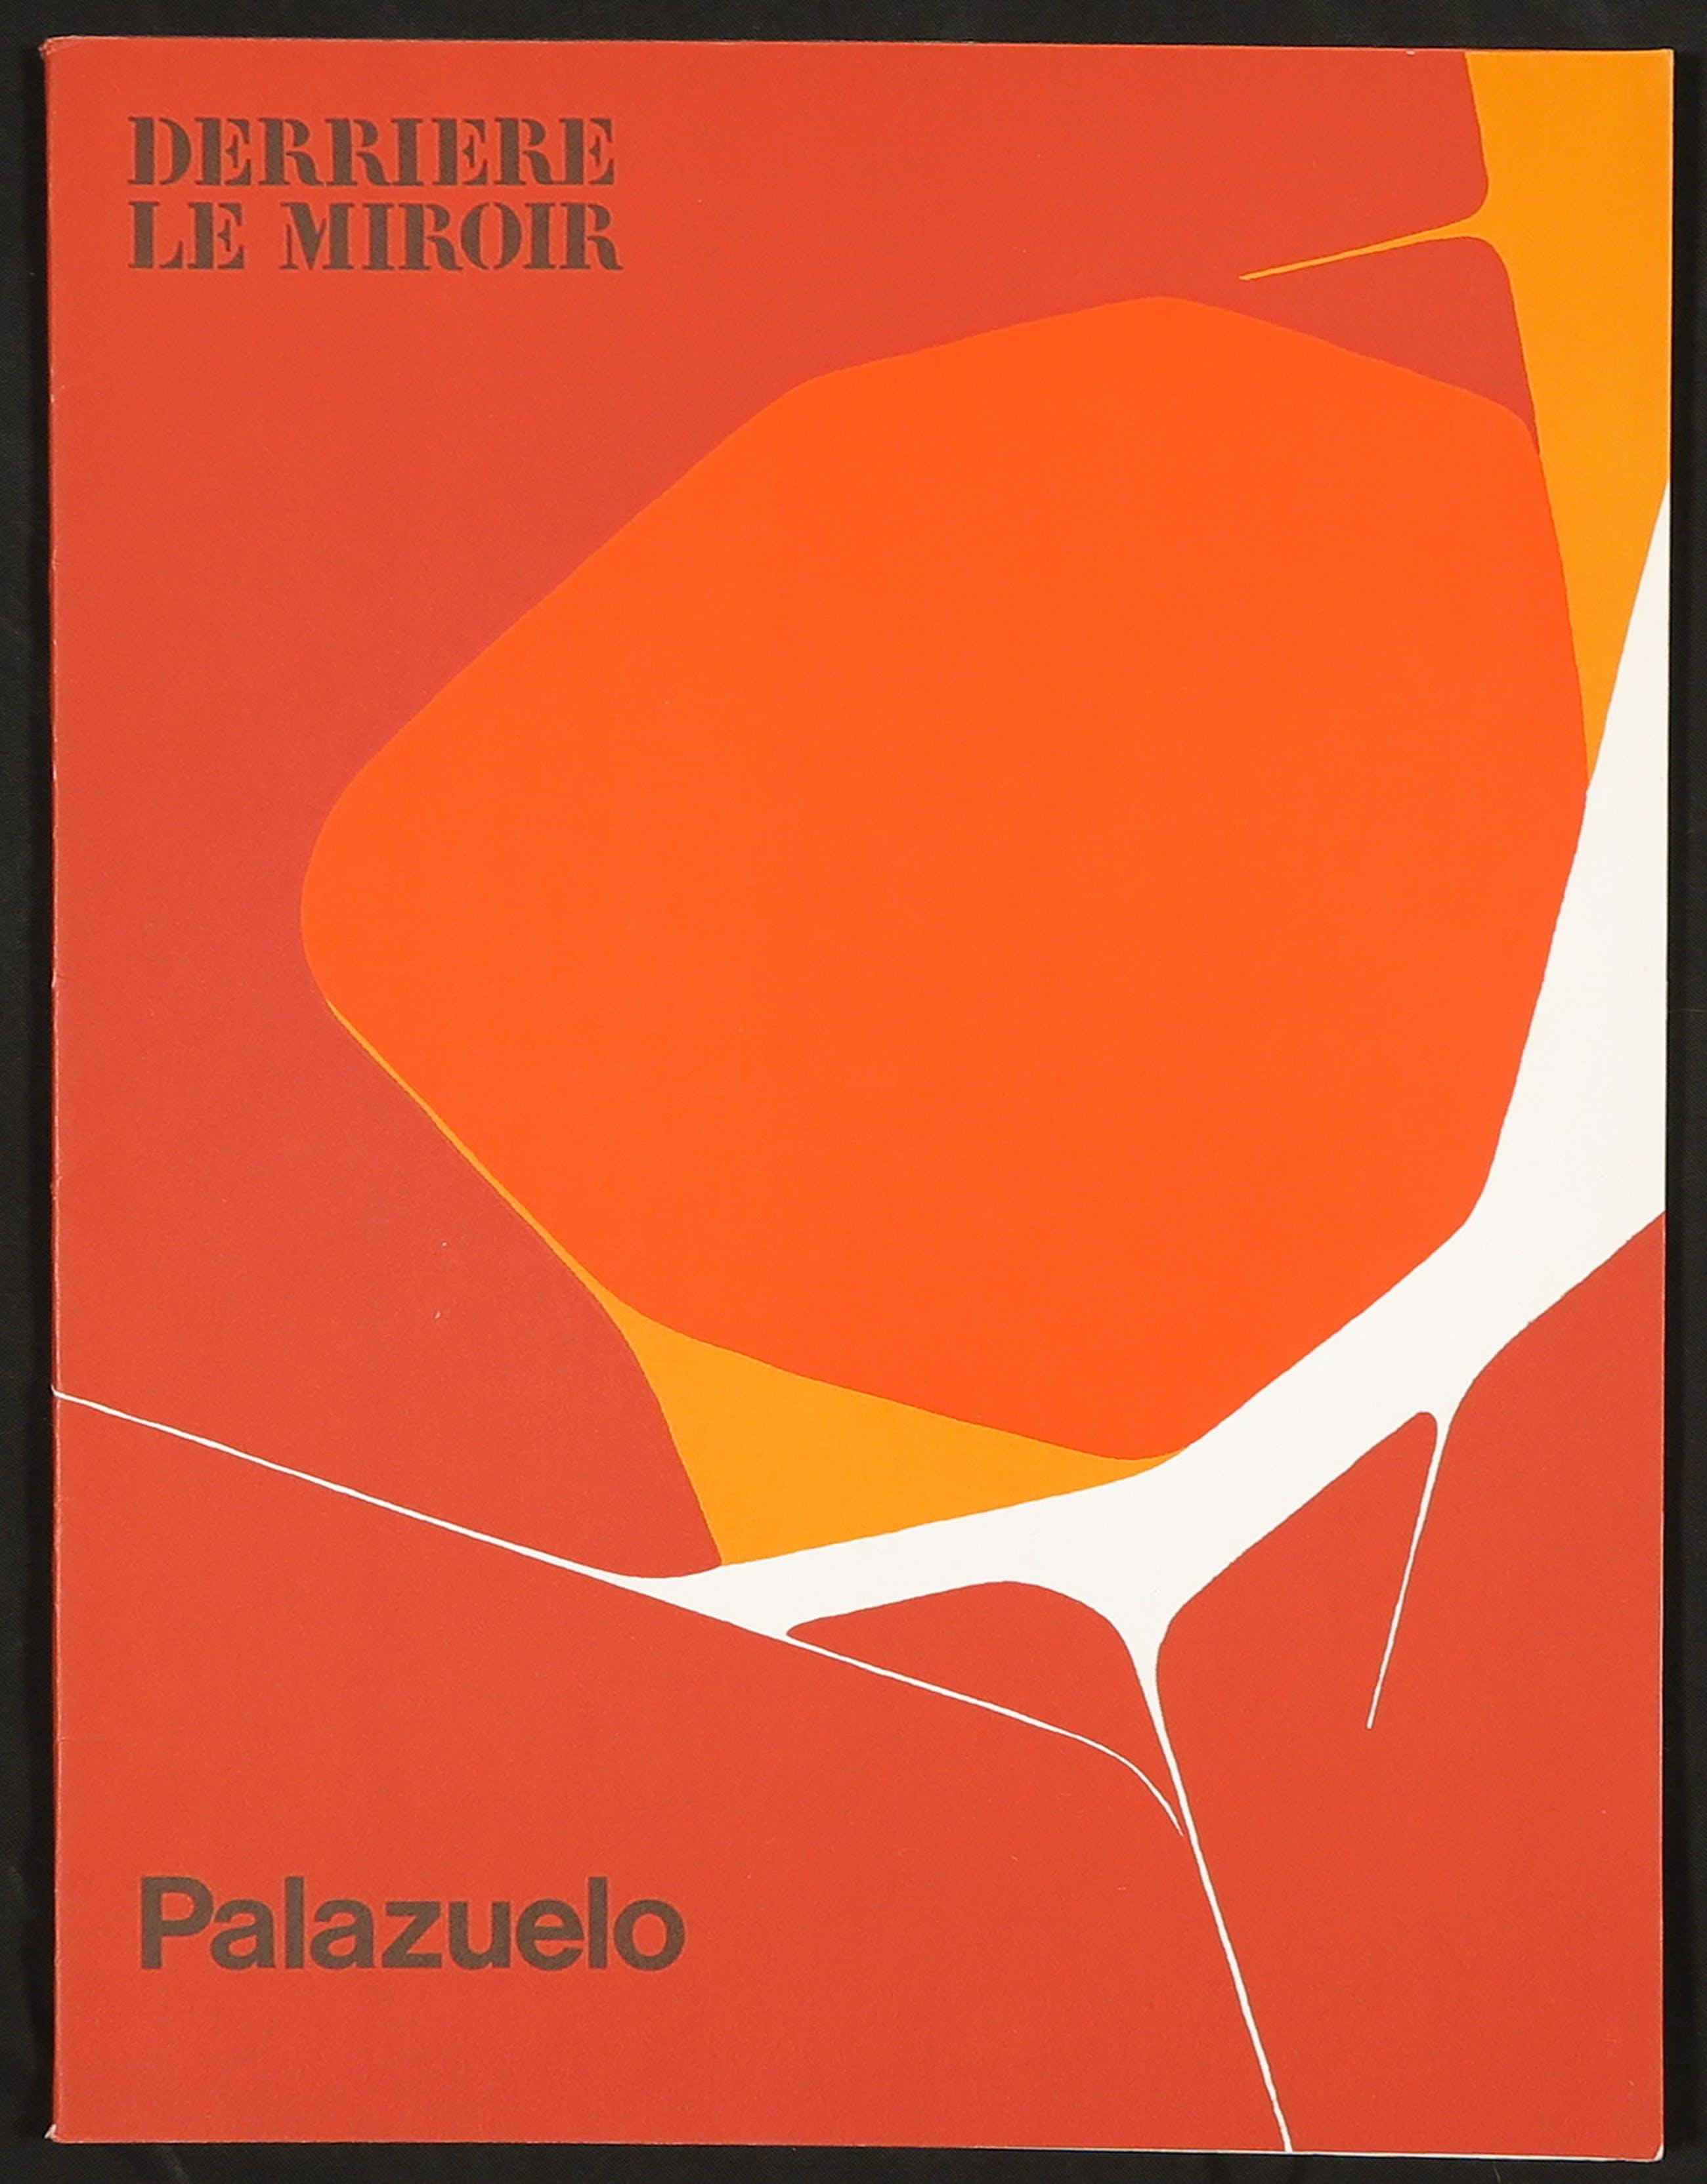 Pablo Palazuelo - Uitgave Derrière le miroir met originele litho's, no. 184 (1970) kopen? Bied vanaf 70!